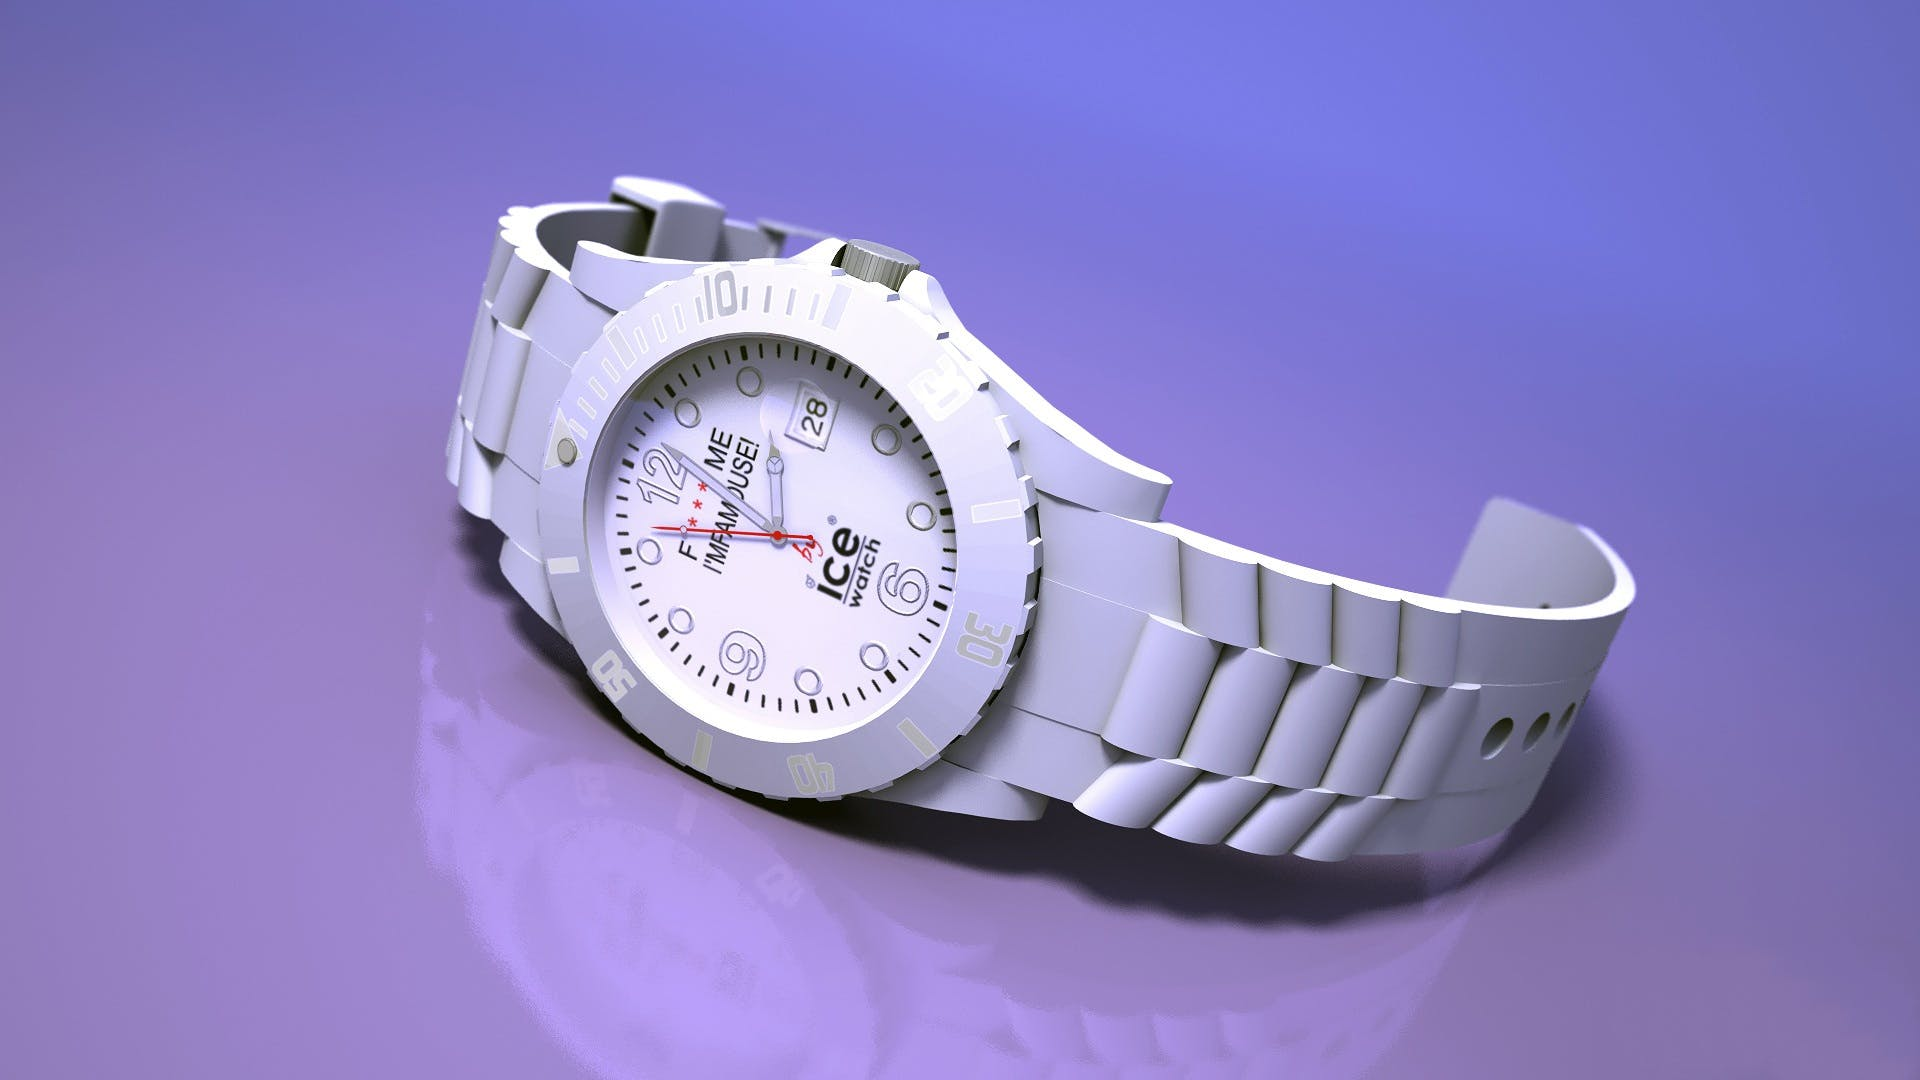 Free stock photo of wristwatch, time, watch, wrist watch